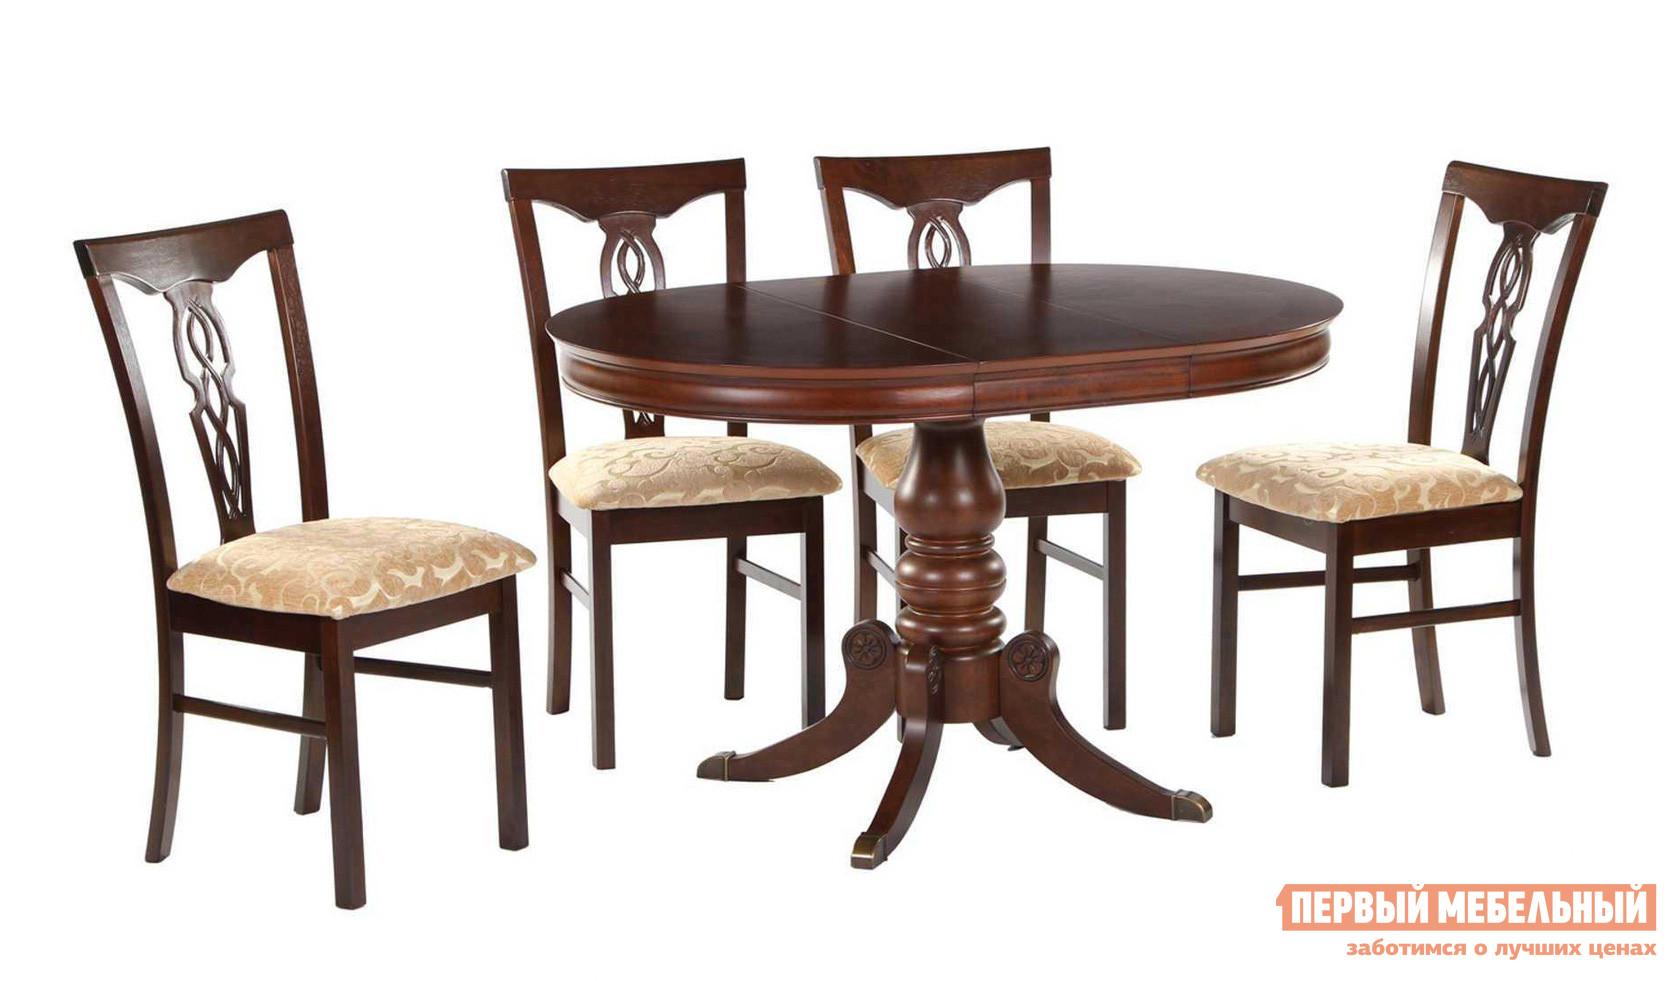 Обеденная группа МИК Мебель МК-1606 + 4 шт. МК-1509